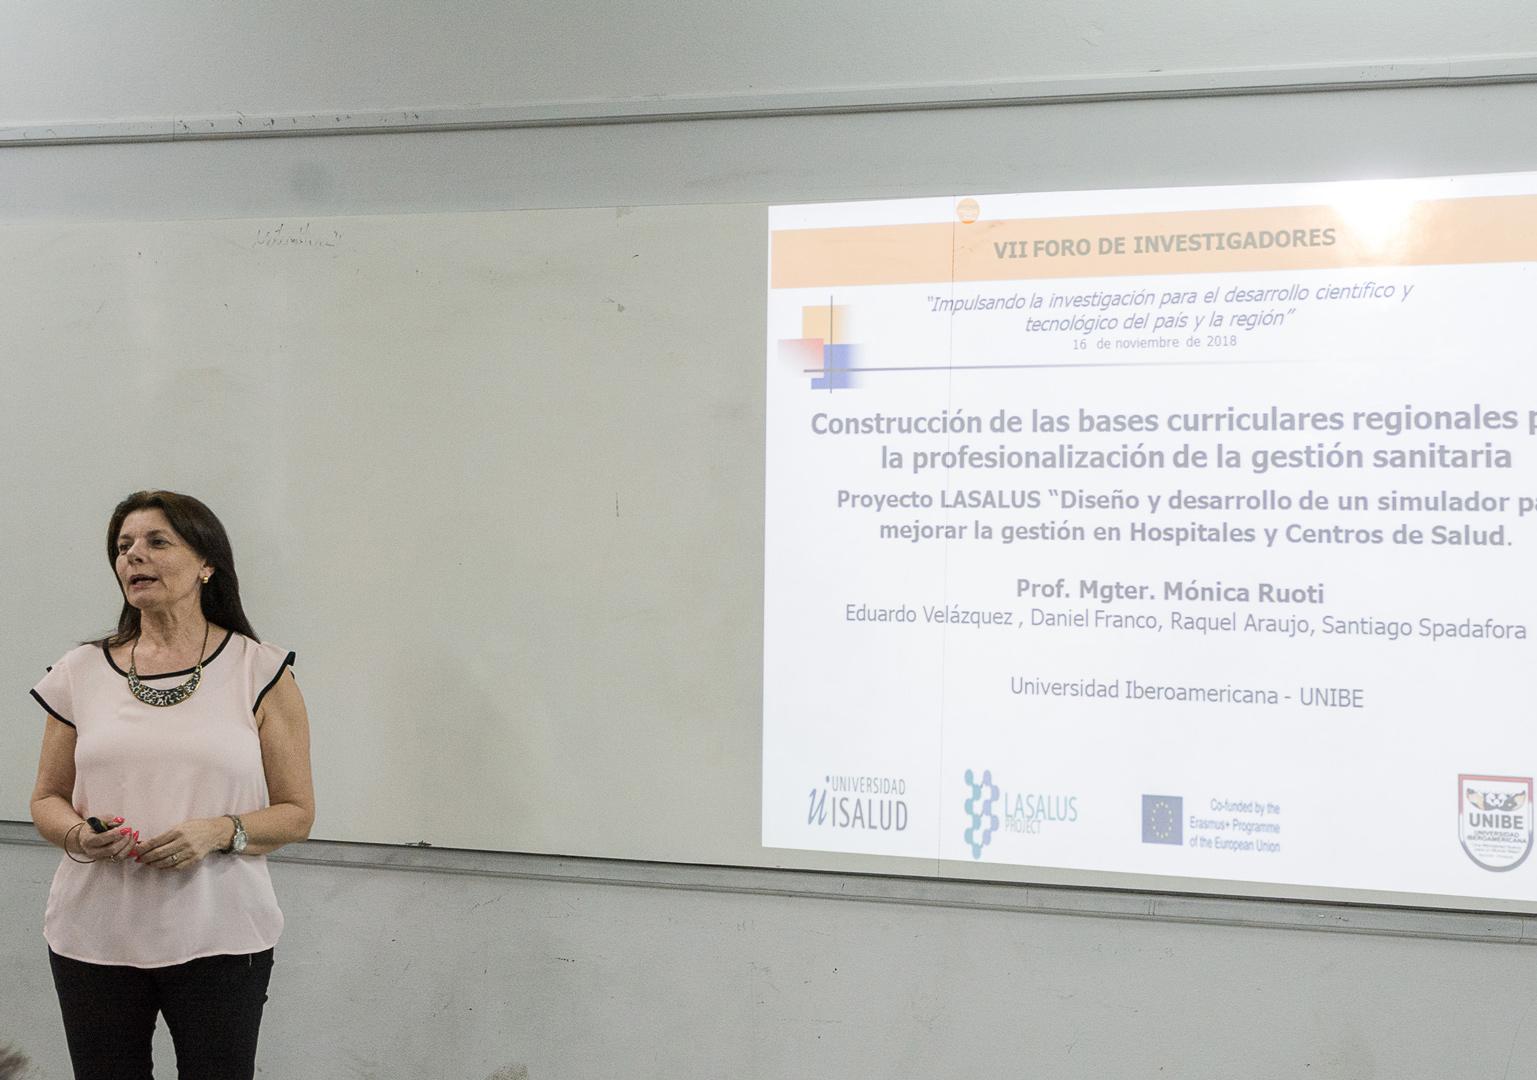 VII Foro de Investigadores – Construcción de las bases curriculares regionales para la profesionalización de la gestión sanitaria